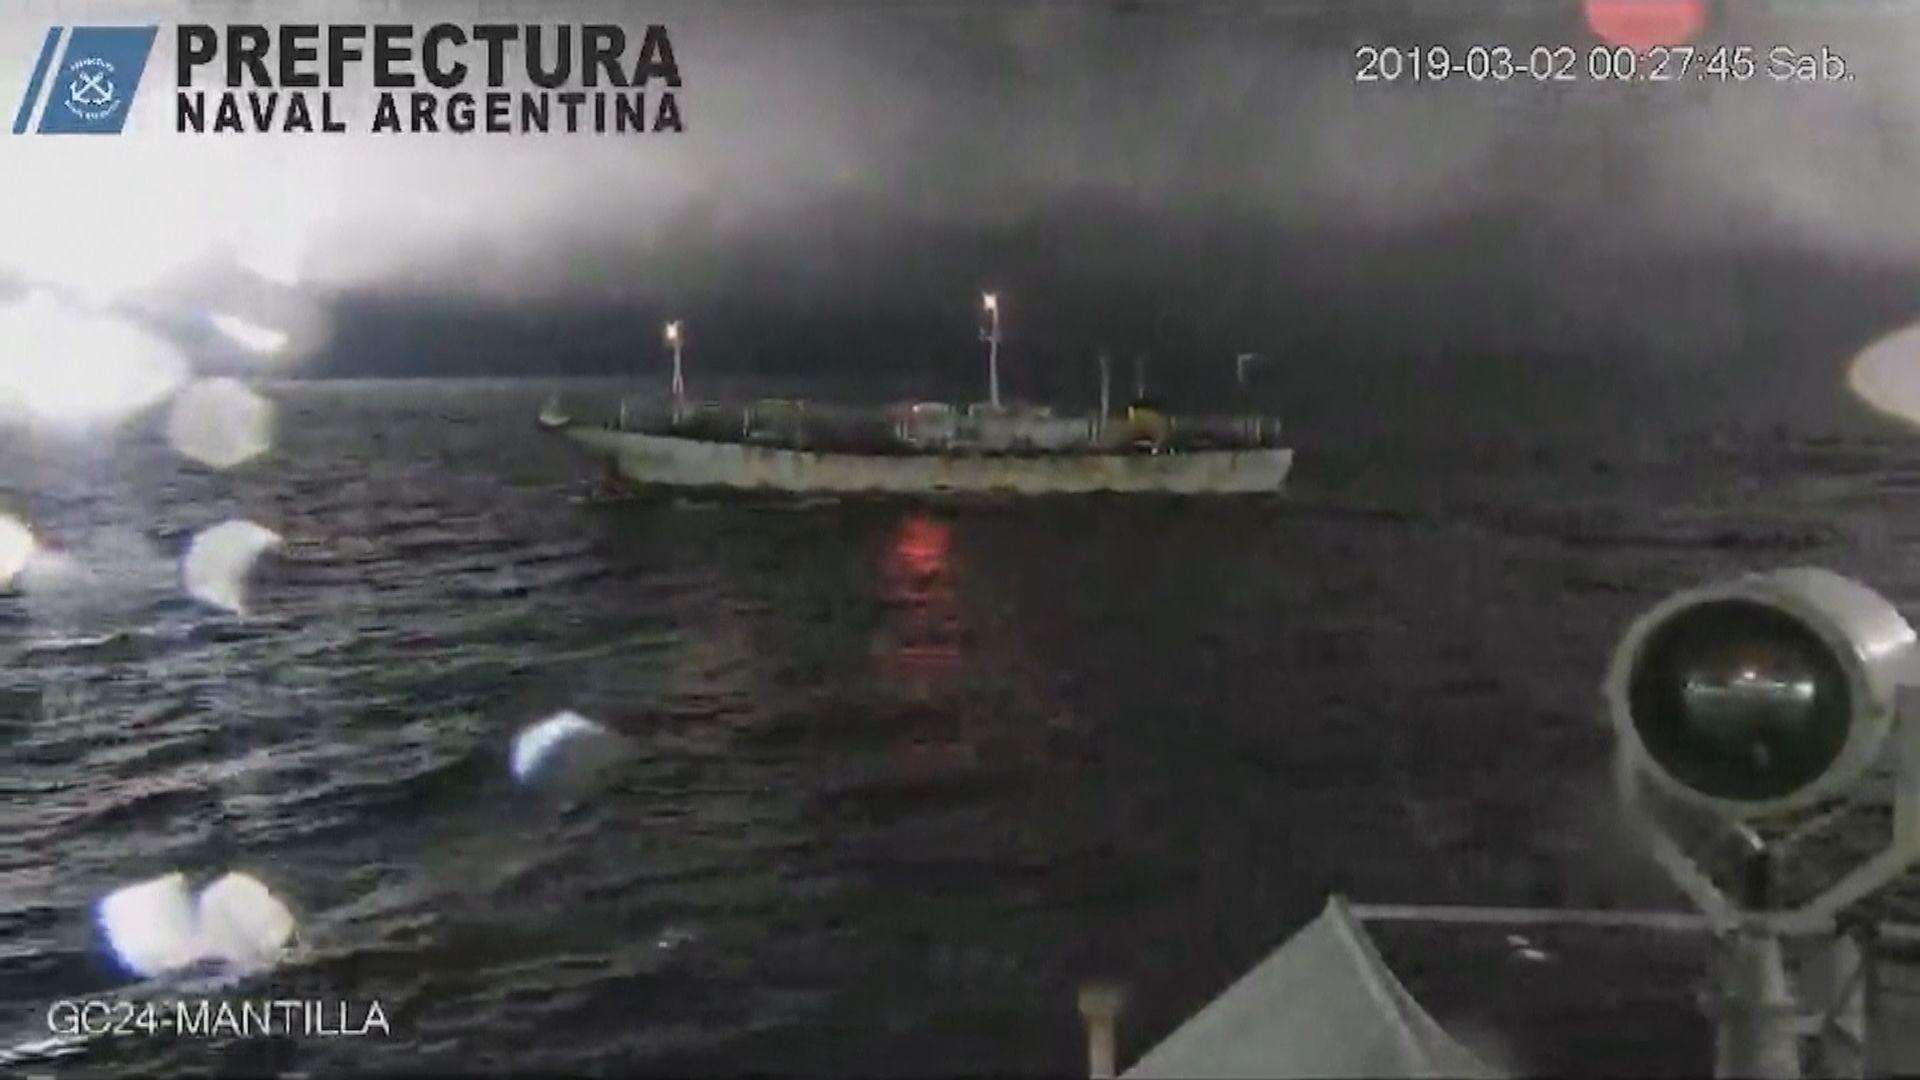 中國漁船涉非法捕撈 阿根廷開火驅趕